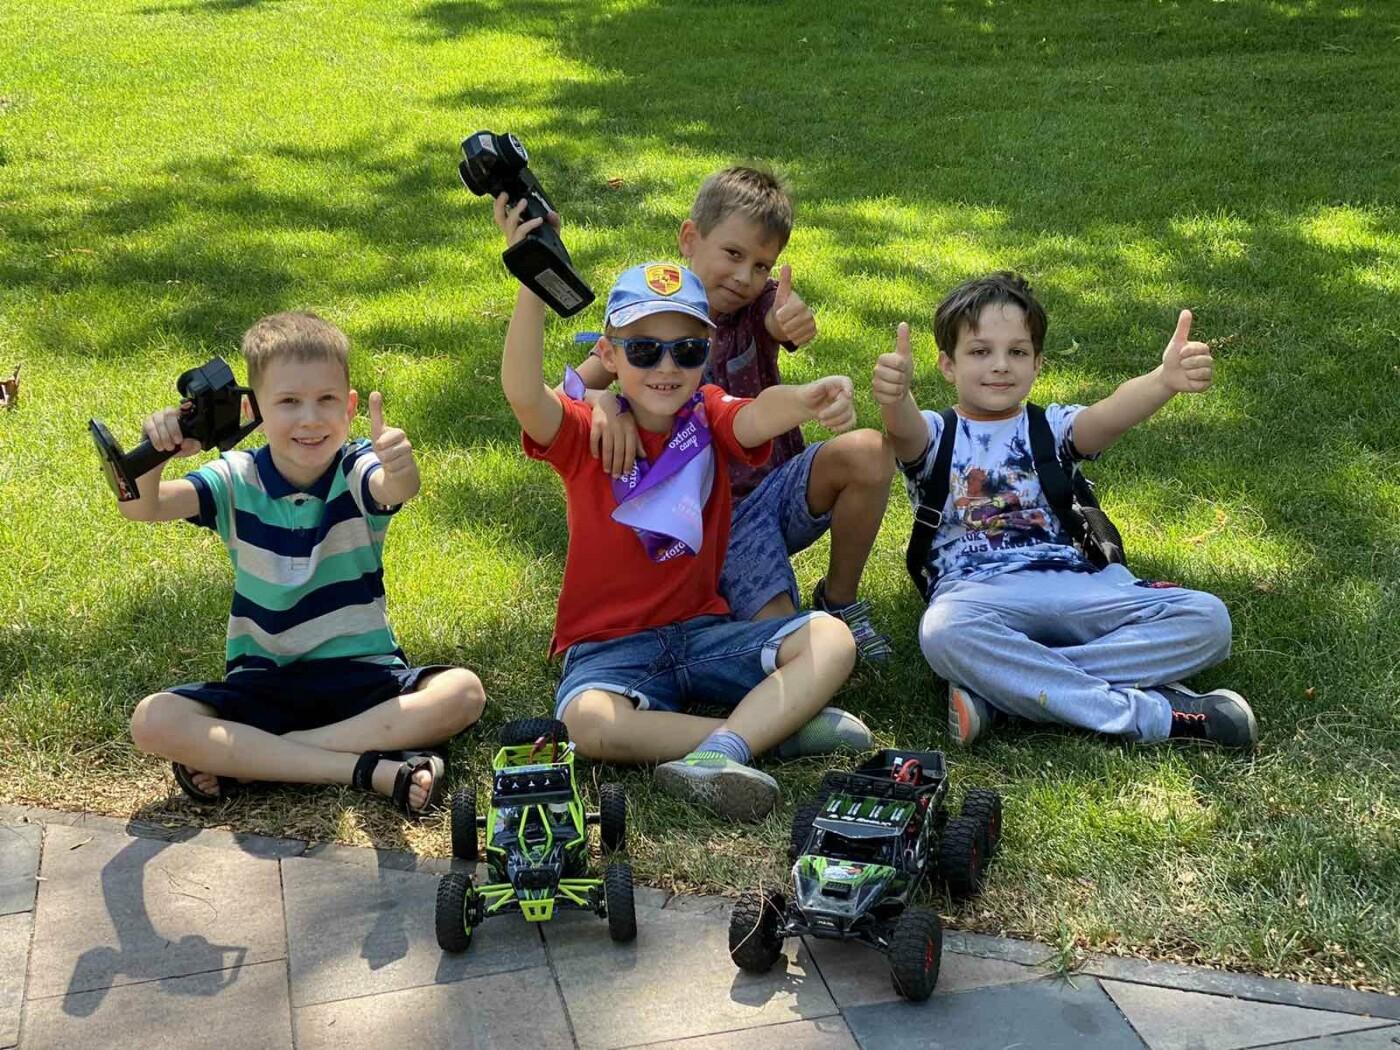 Незабываемые английские каникулы для детей 6-15 лет! (*Акция до 20 мая 2021 г.), фото-8